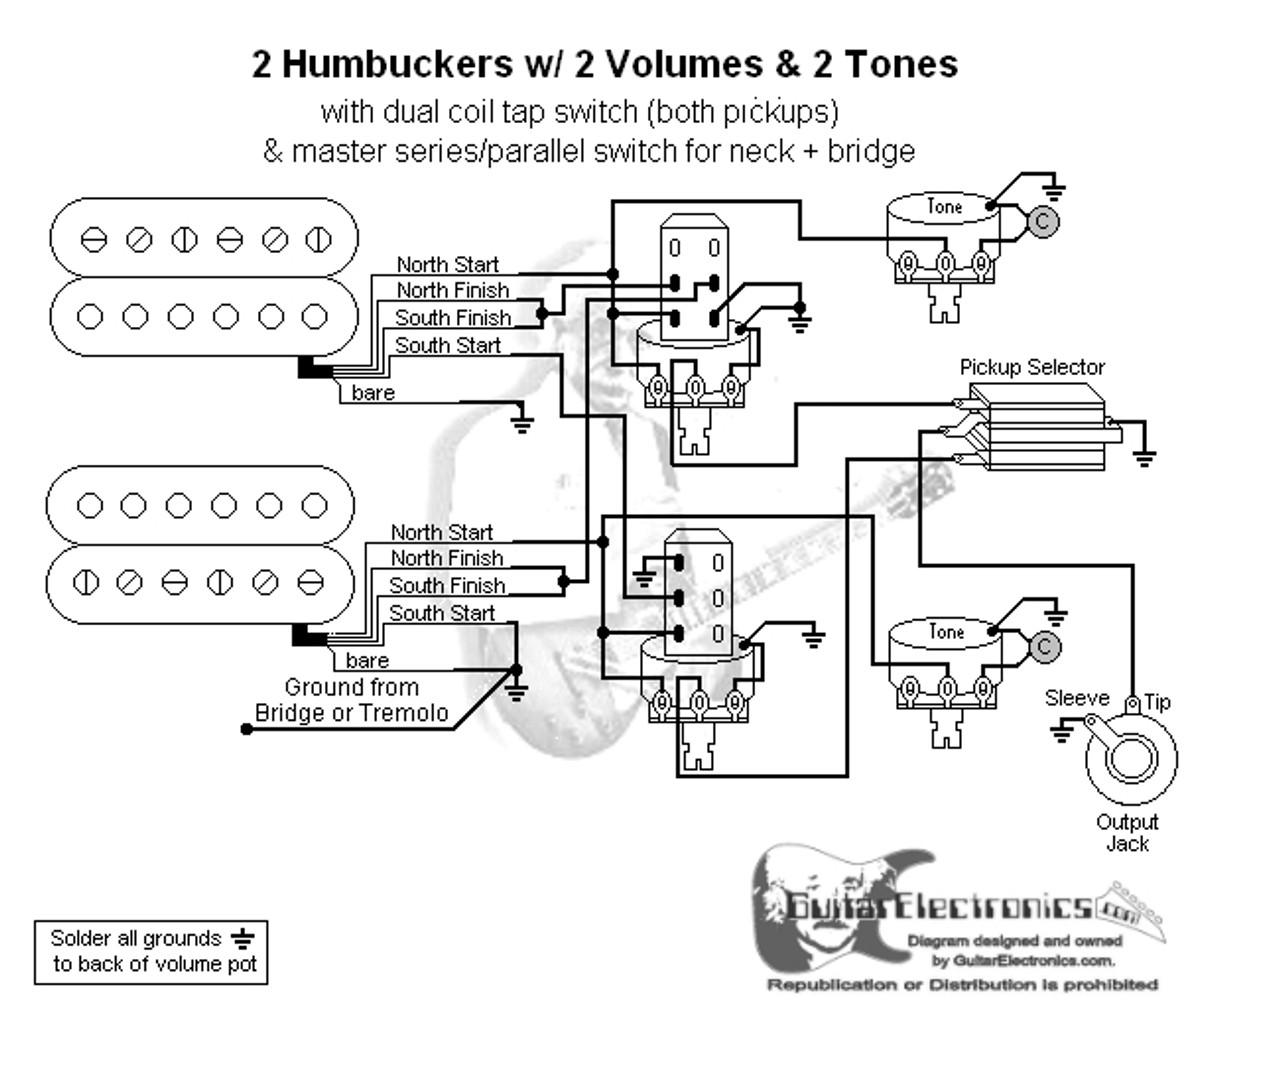 2 hbs 3 way toggle 2 vol 2 tones coil tap u0026 series parallel2 humbuckers [ 1280 x 1083 Pixel ]